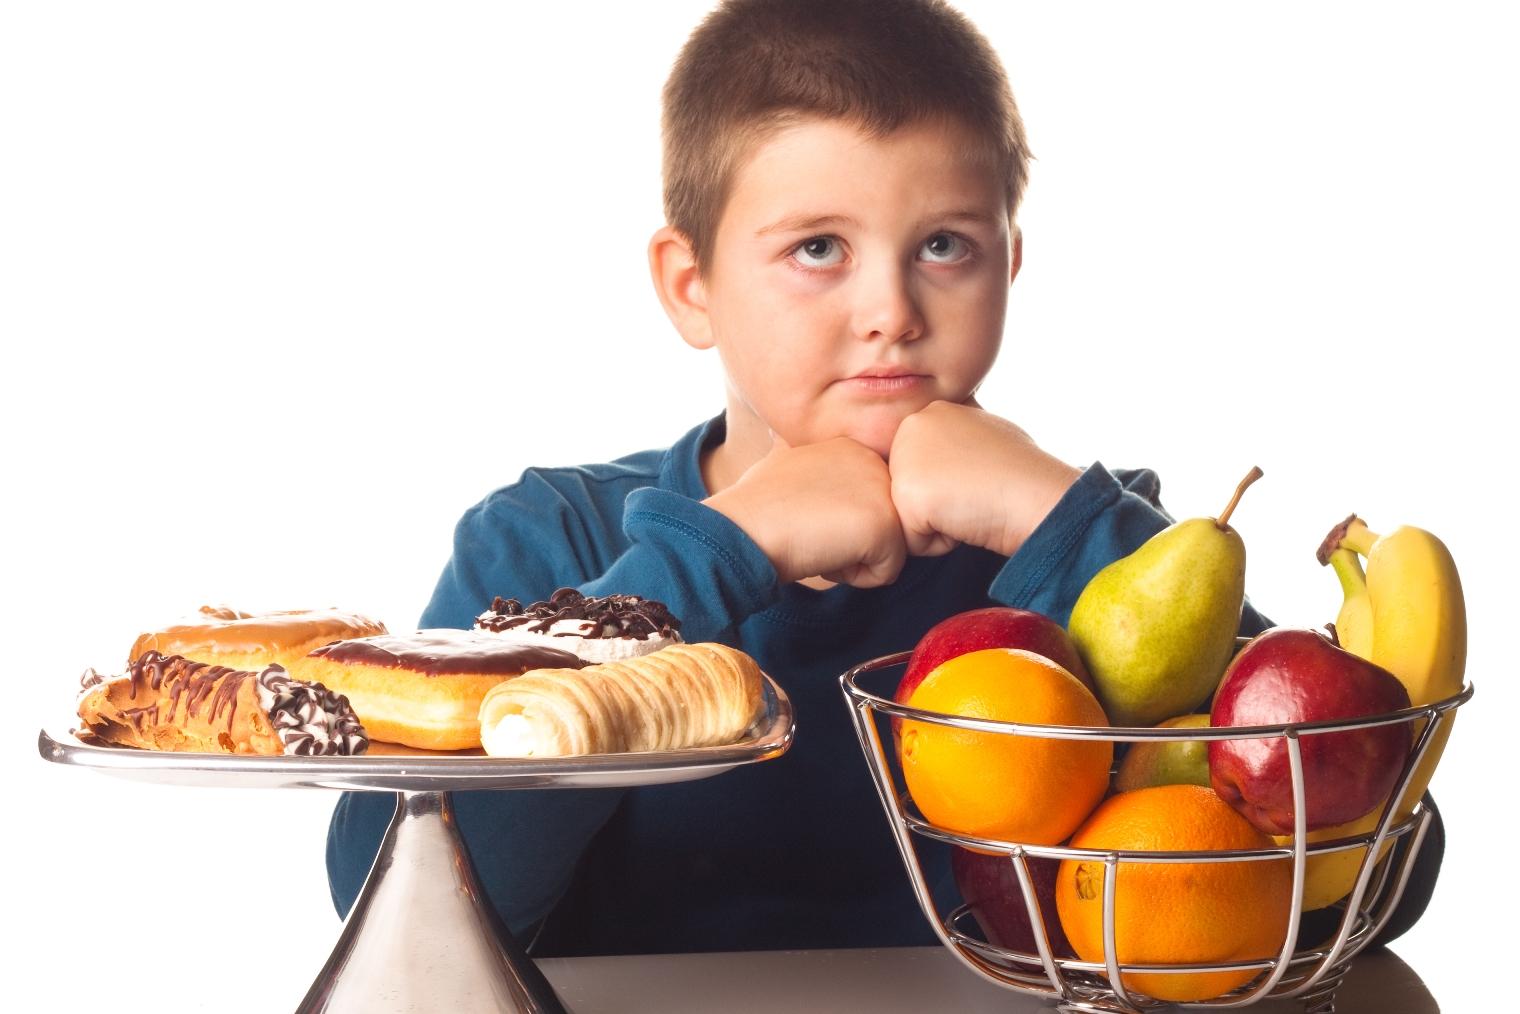 نصائح للتخلص من سمنة الأطفال 579577-%D8%B1%D8%AC%D9%8A%D9%85--%284%29